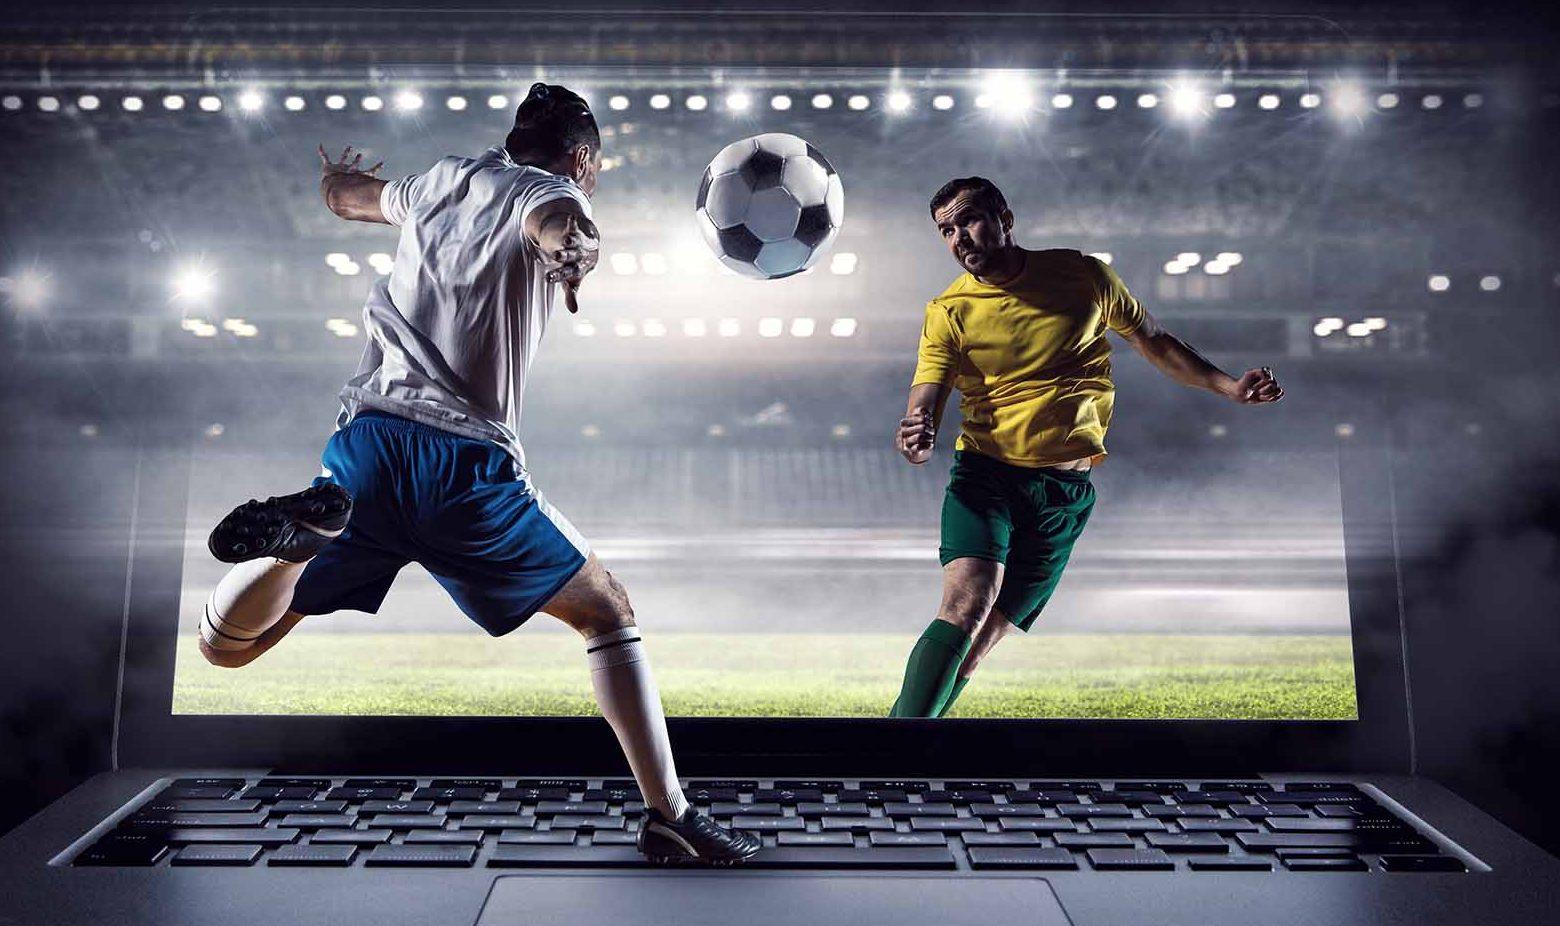 Ставки на спорт, как источник дополнительного дохода